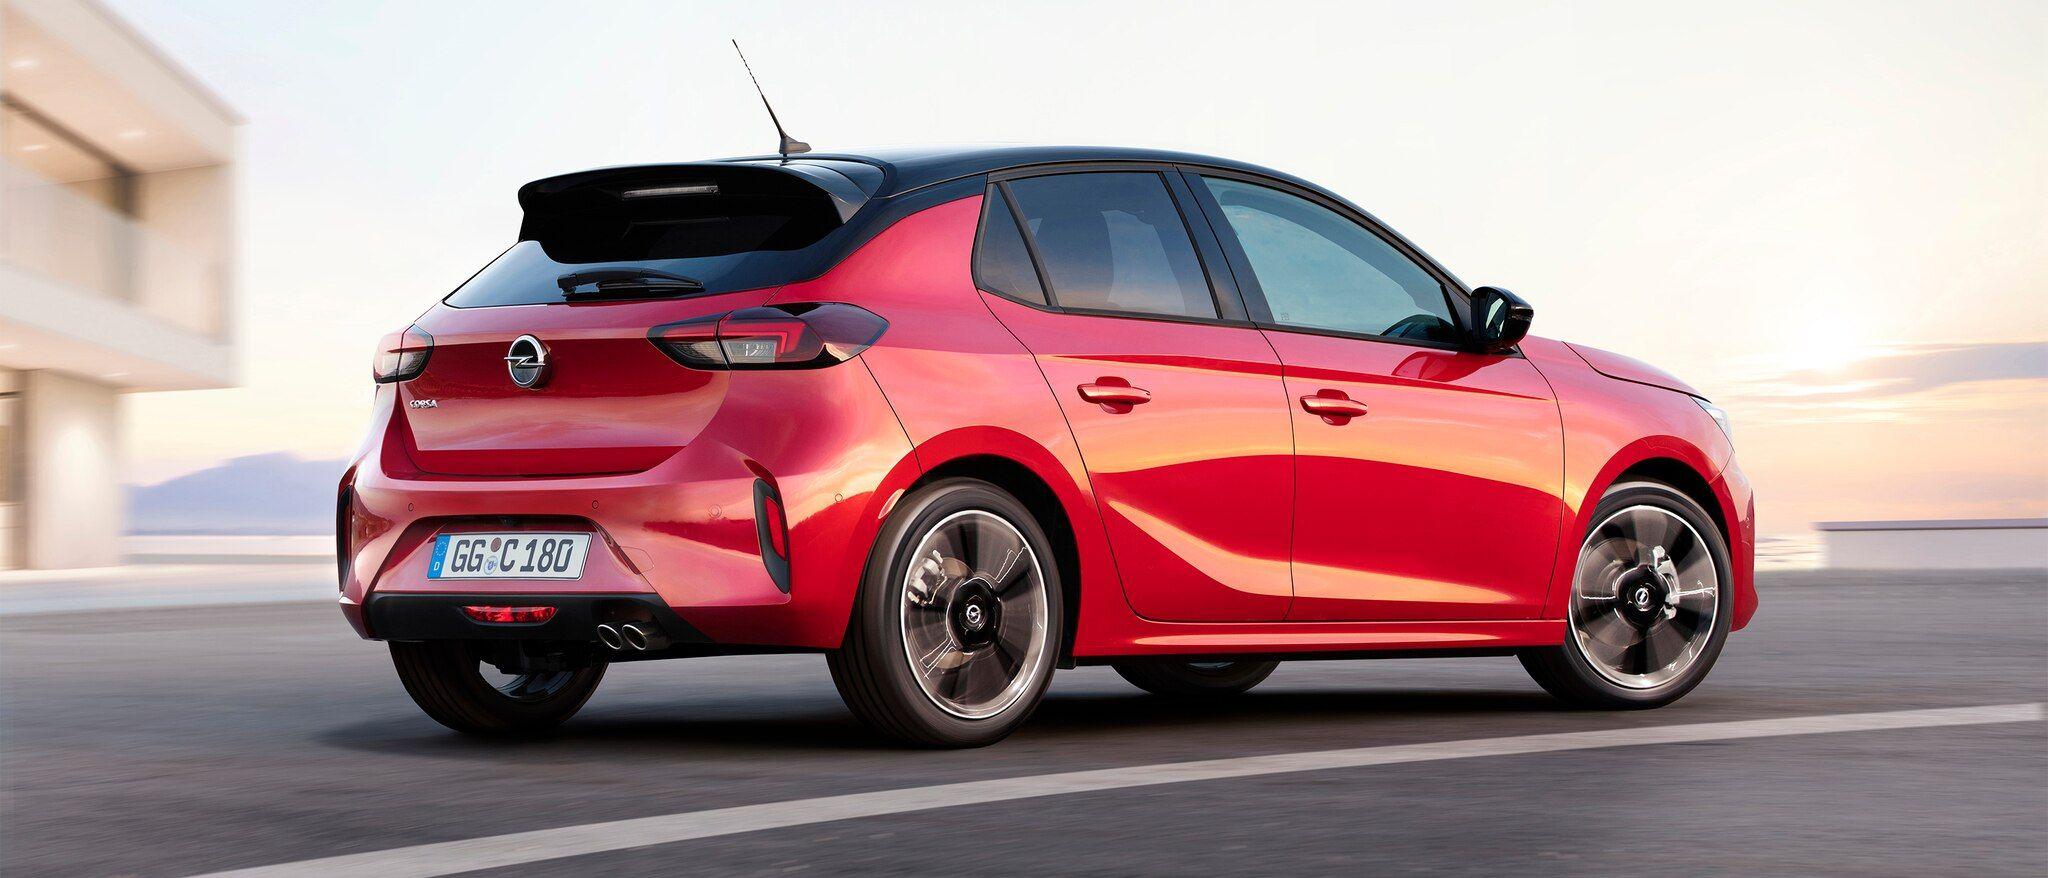 Nuevo Opel Corsa, uno de los coches más aerodinámicos de su categoría